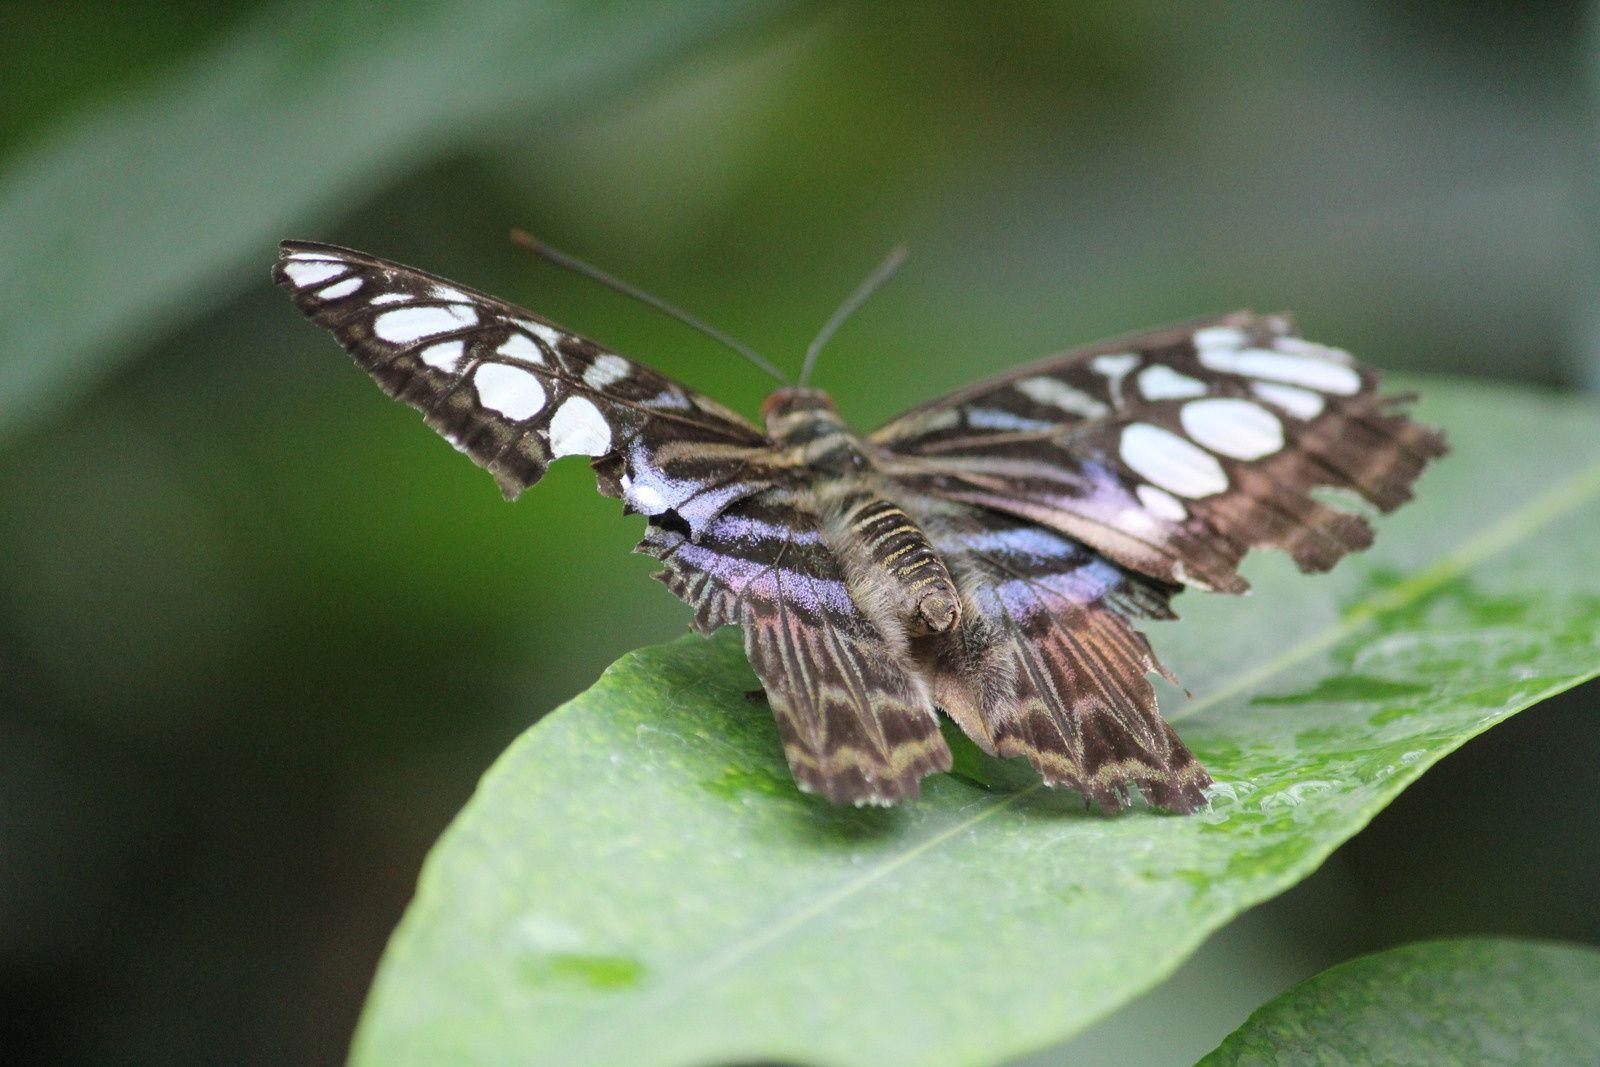 Fragiles mais tellement beaux, les papillons ne cessent de m'émerveiller. Il y en a même un qui s'est posé sur mon épaule mais Ashu n'a pas été assez rapide pour la photo